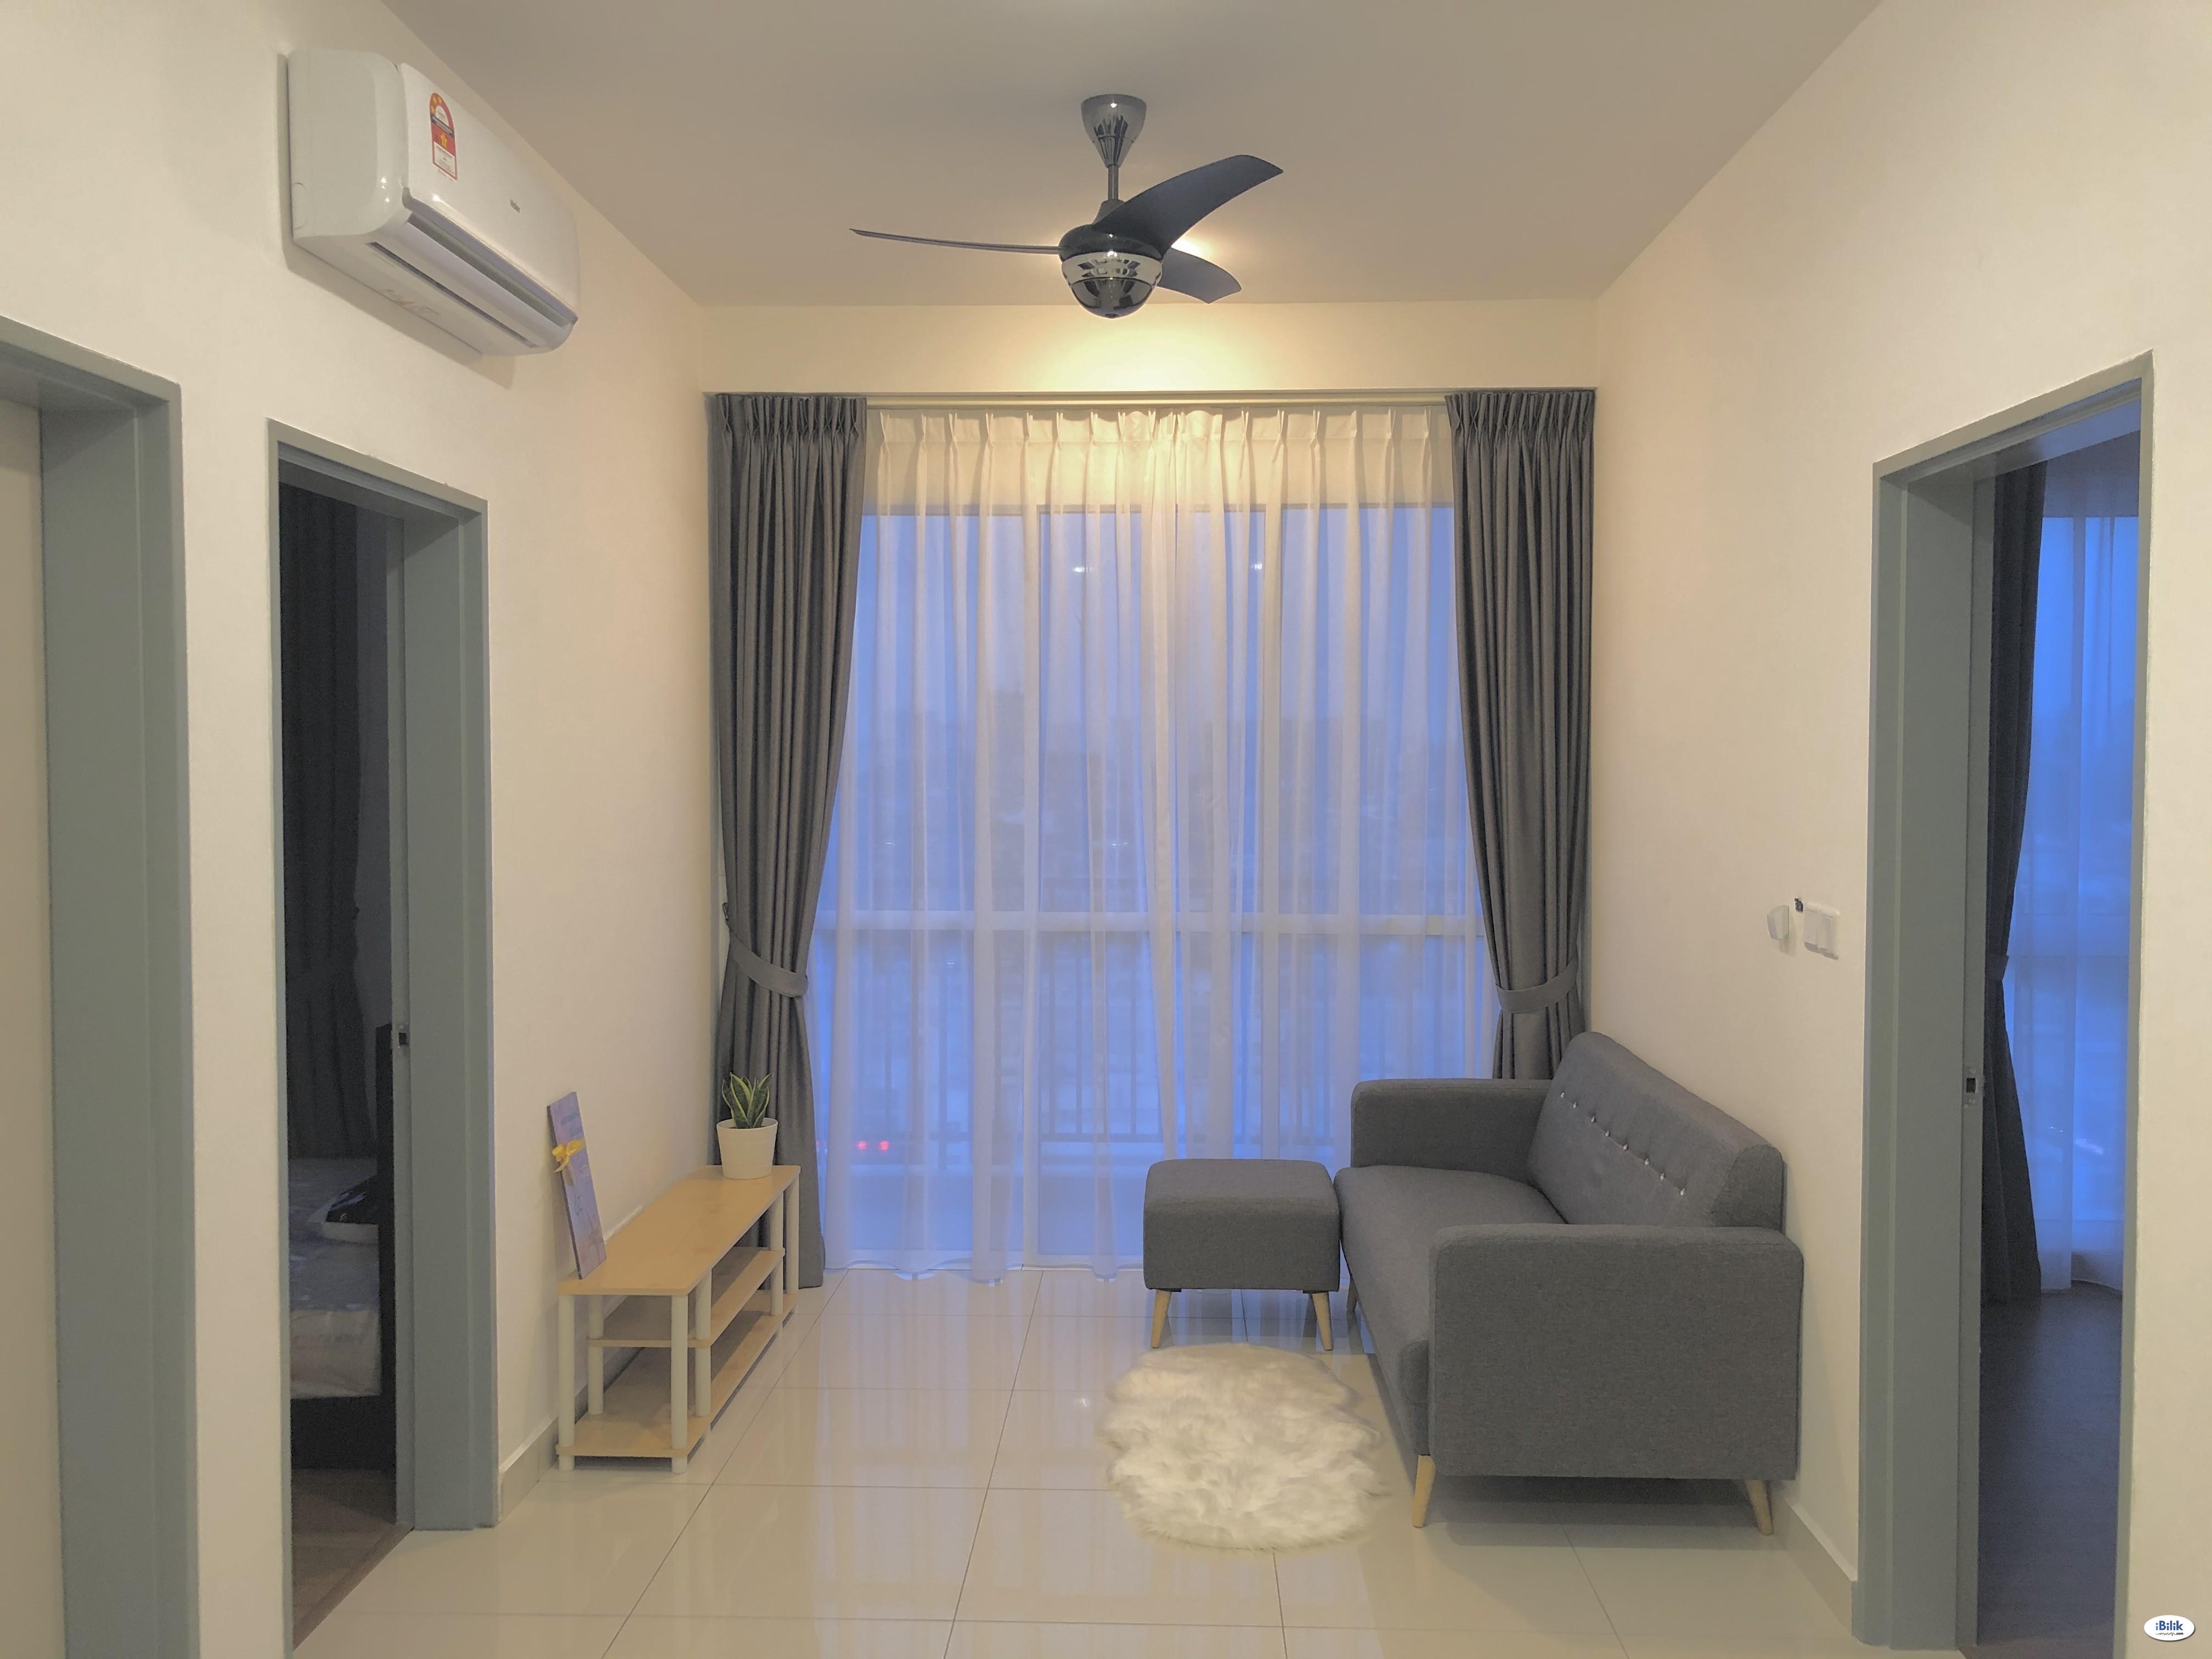 Suite at Sri Petaling, Kuala Lumpur